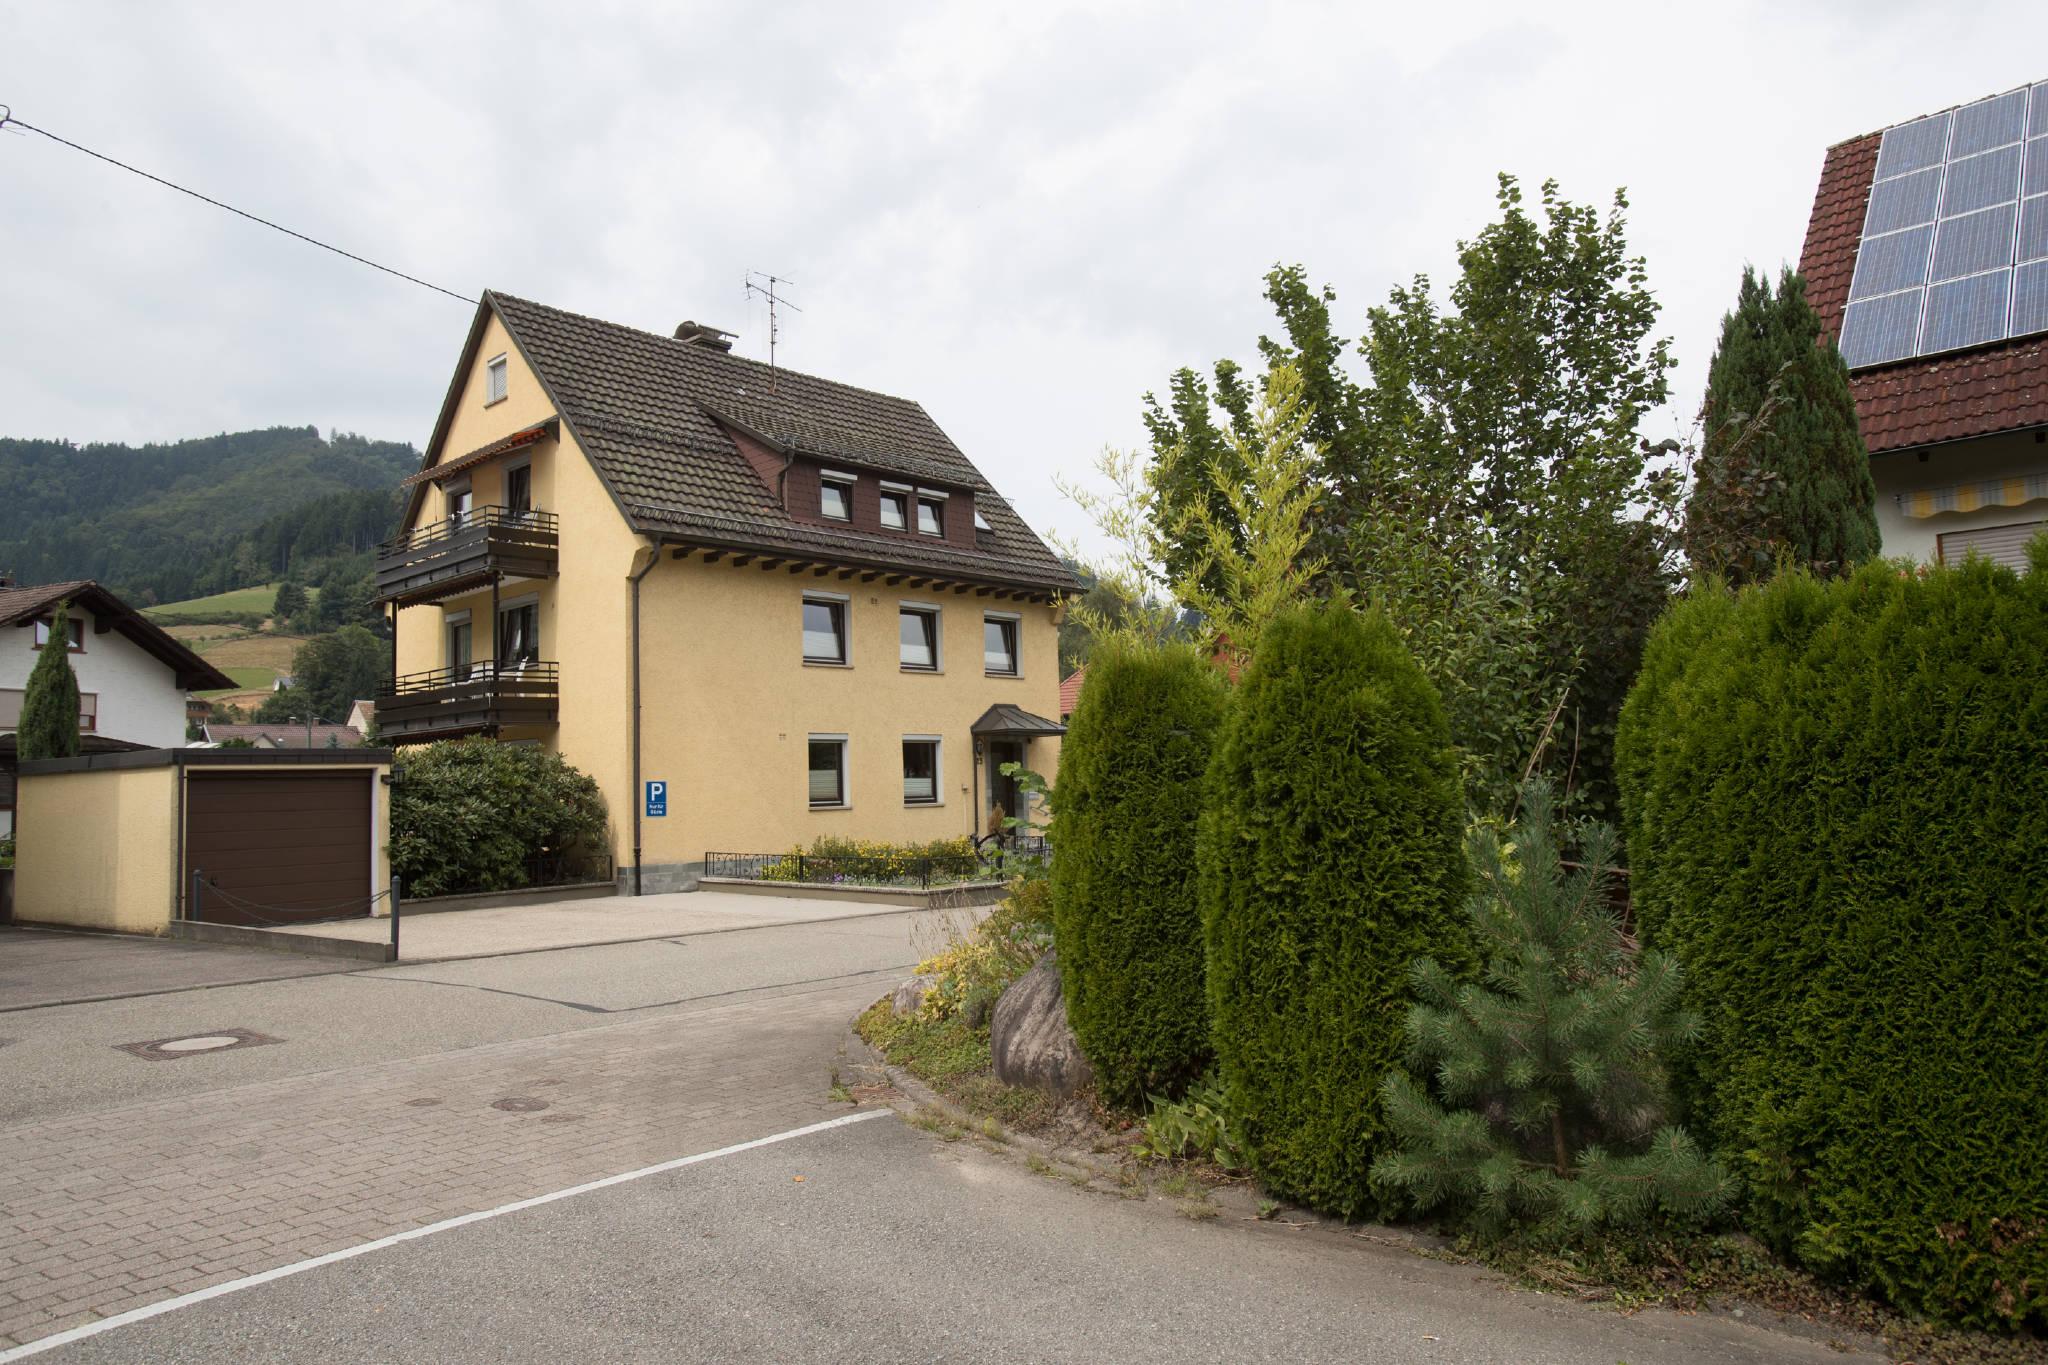 Ferienwohnung Neumann in Gutach Baden-Württemberg (Ute Neumann)